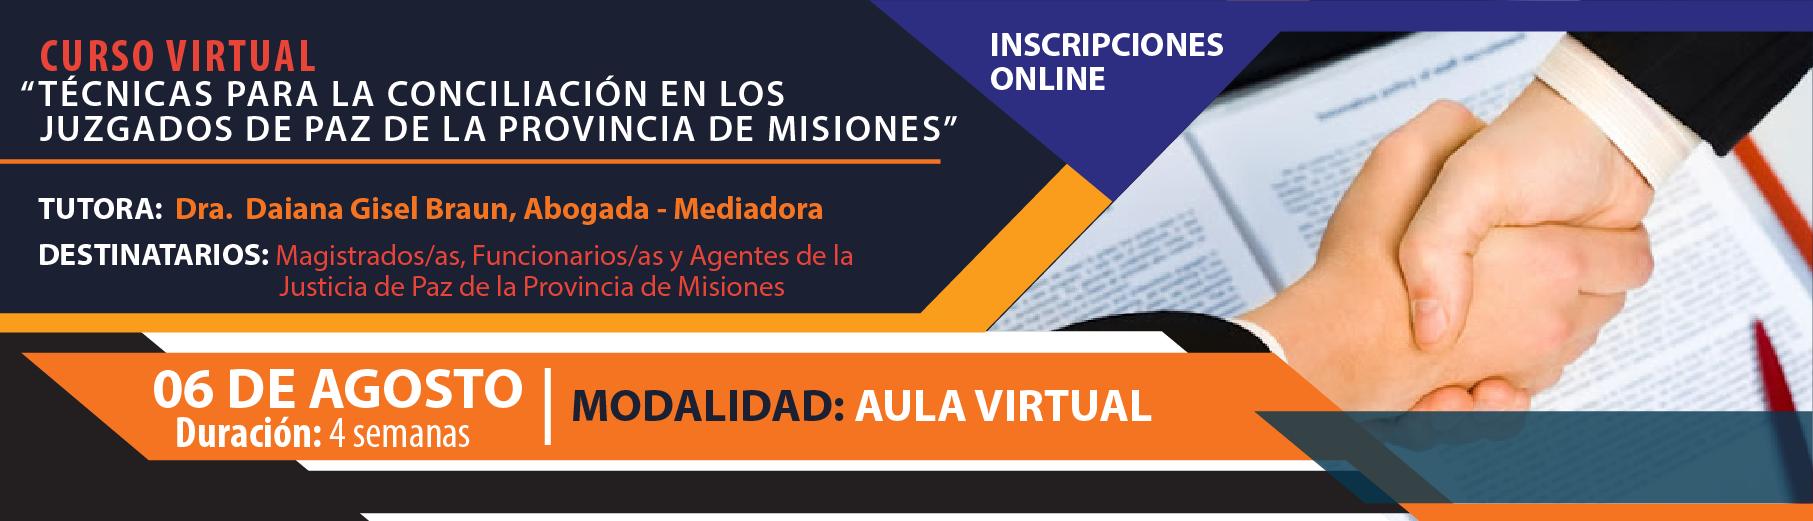 Curso Virtual Técnicas para la Conciliación en los Juzgados de Paz de la Provincia de Misiones